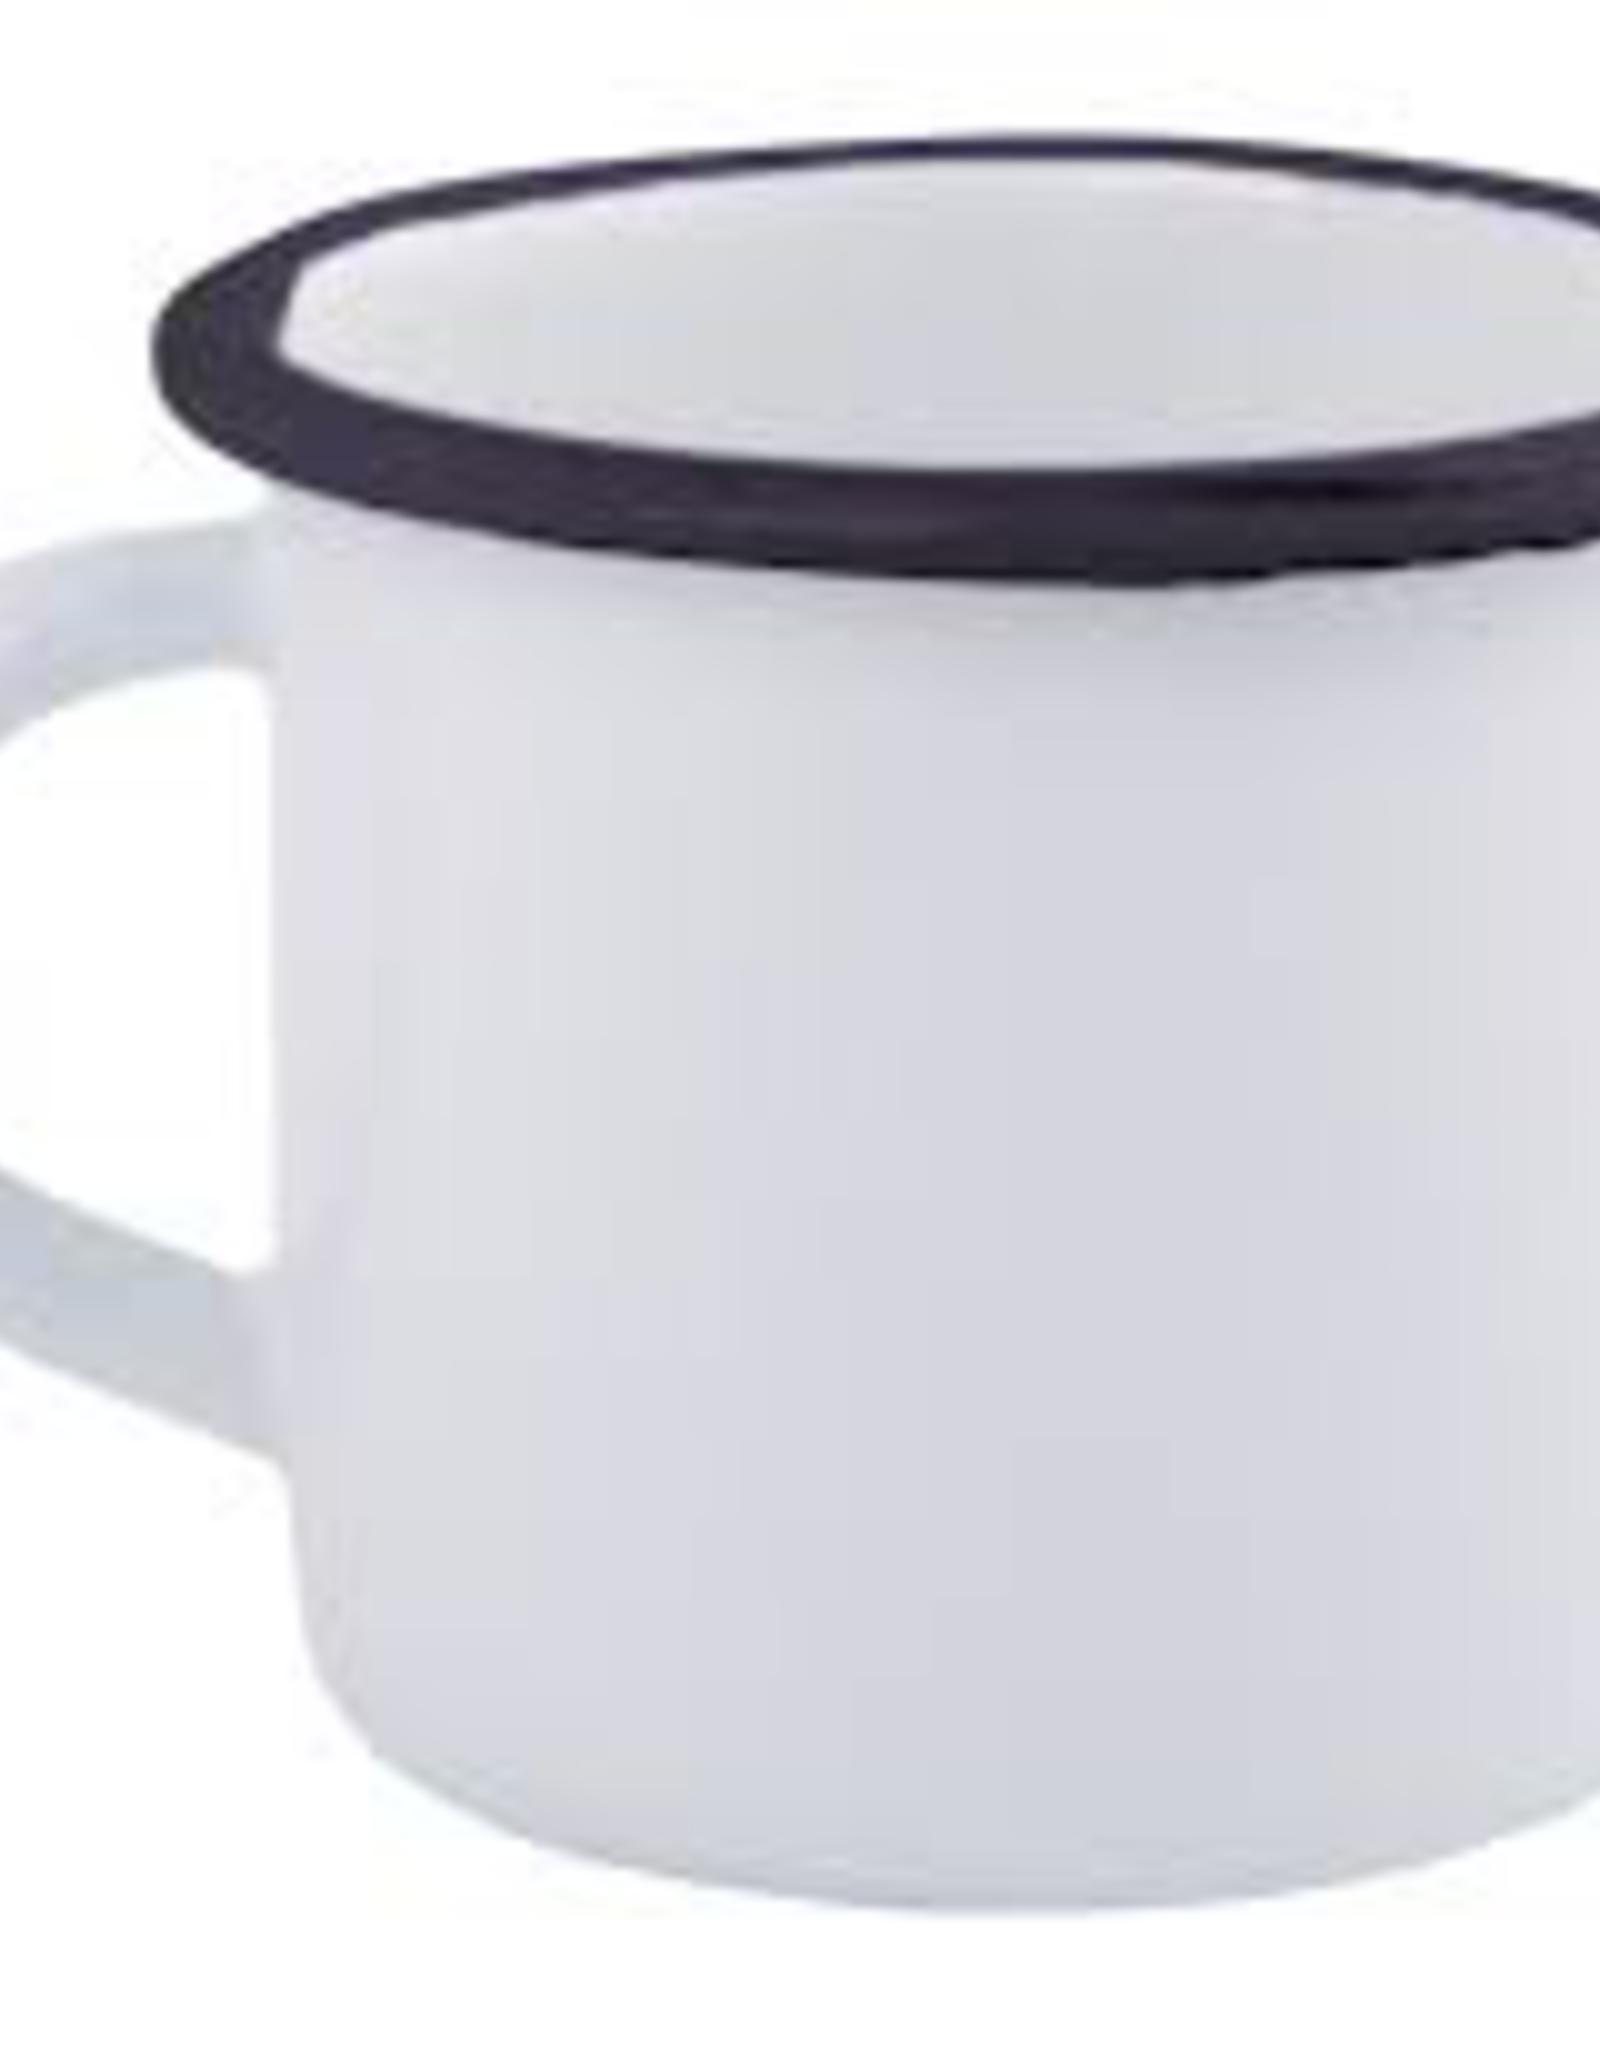 Redecker Redecker Enamel Drink Cup